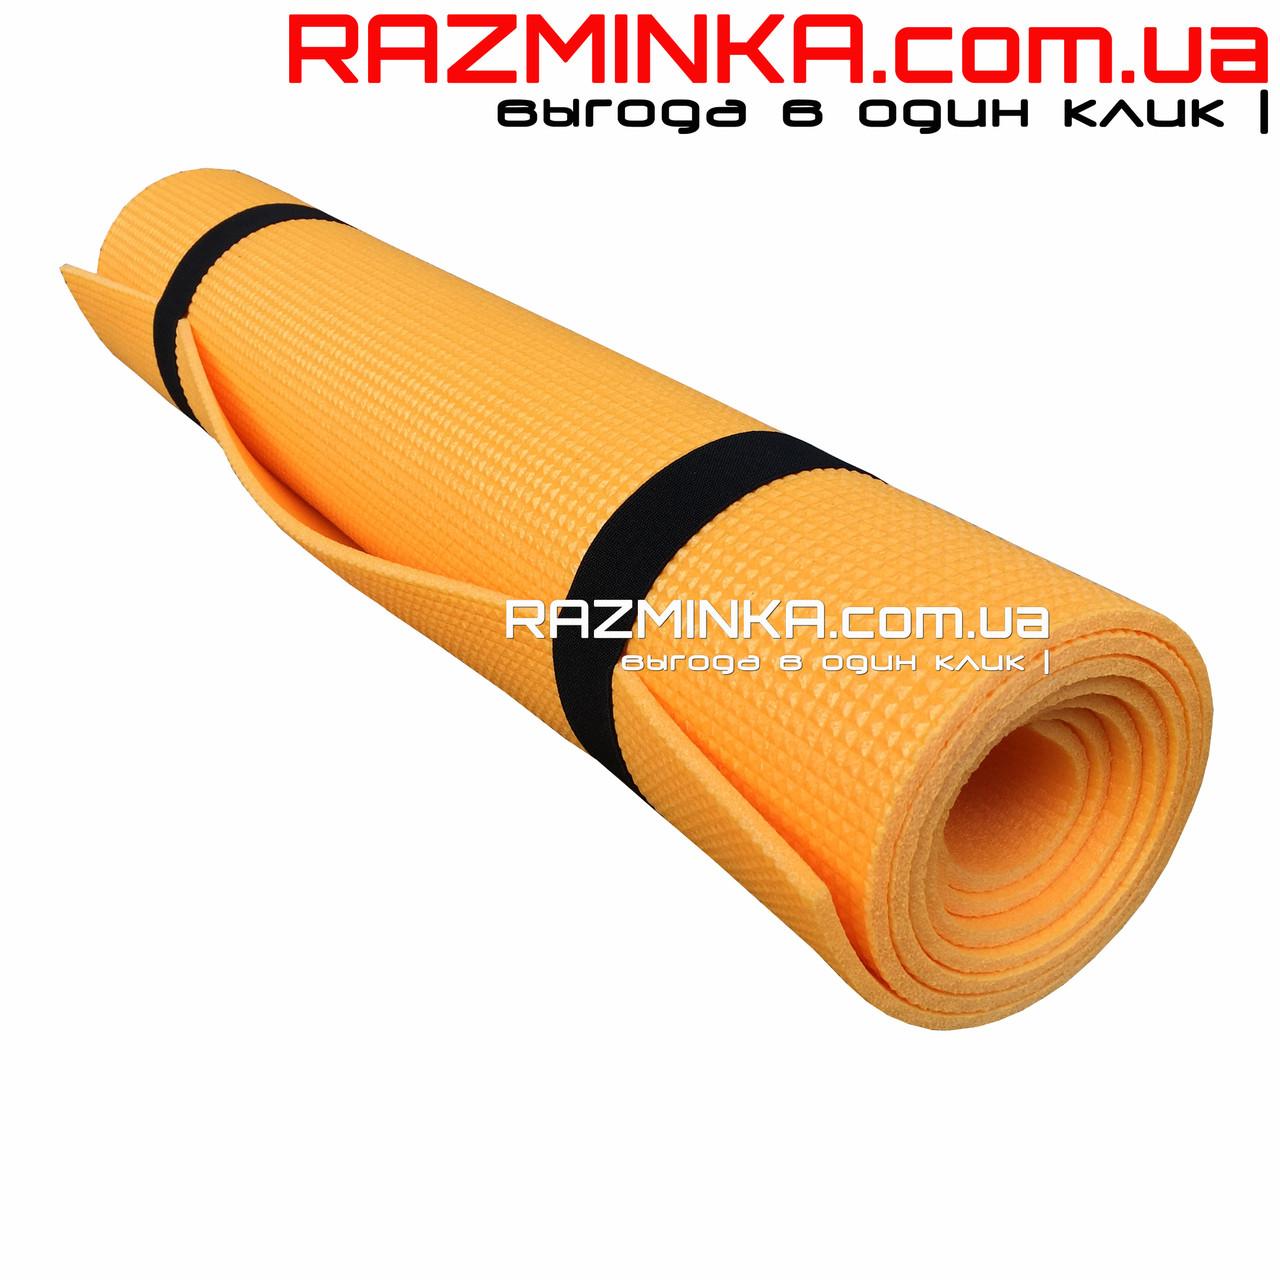 Коврик для йоги и фитнеса 5мм, оранжевый